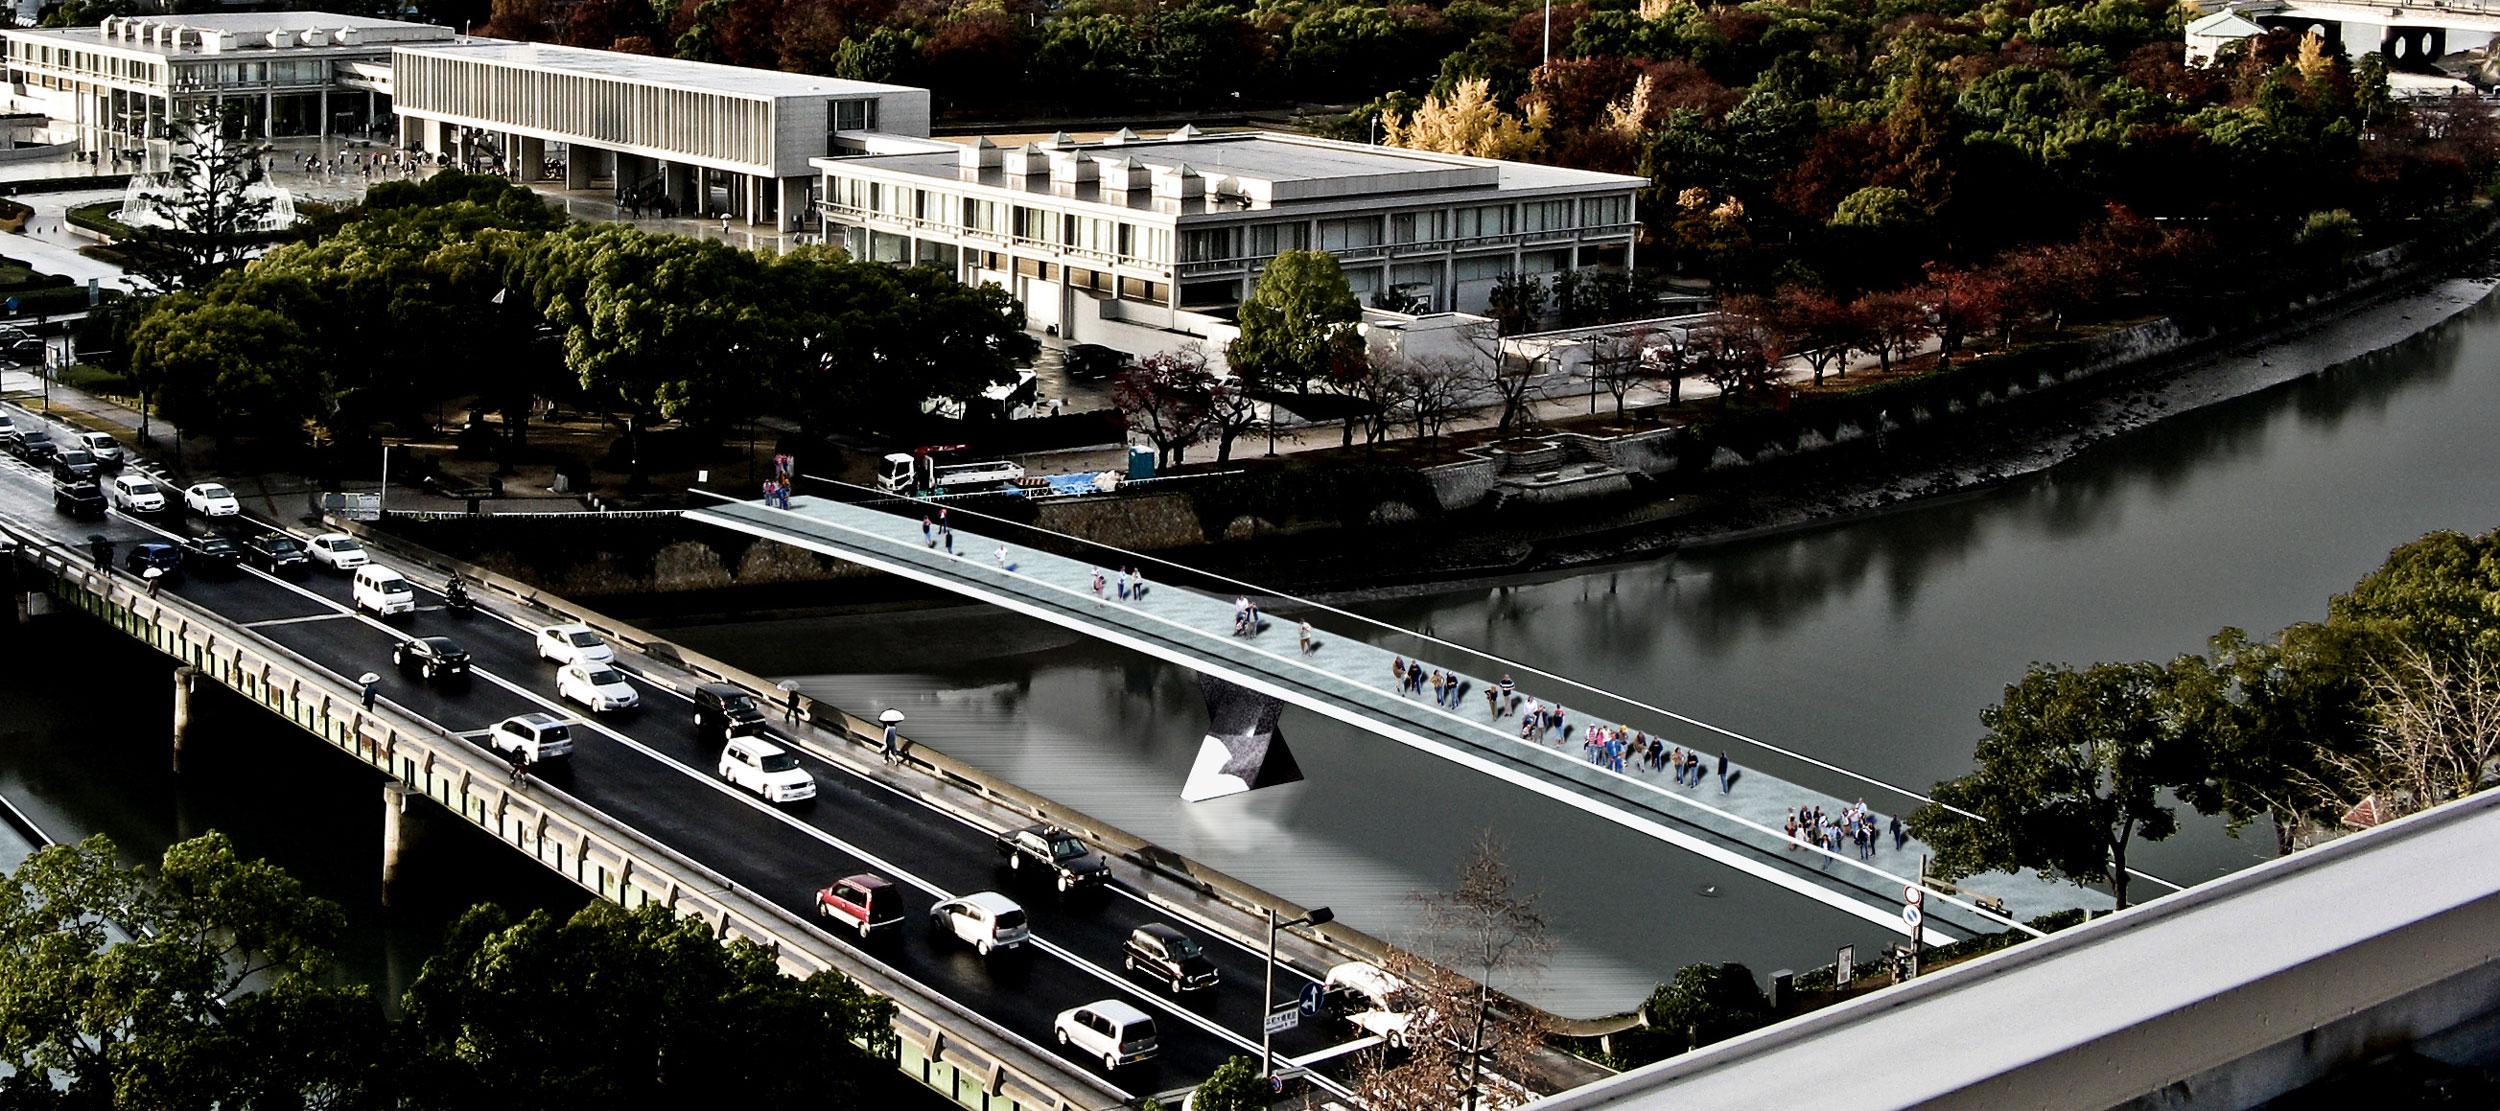 hiroshima-peace-bridge---rendering-(7).jpg